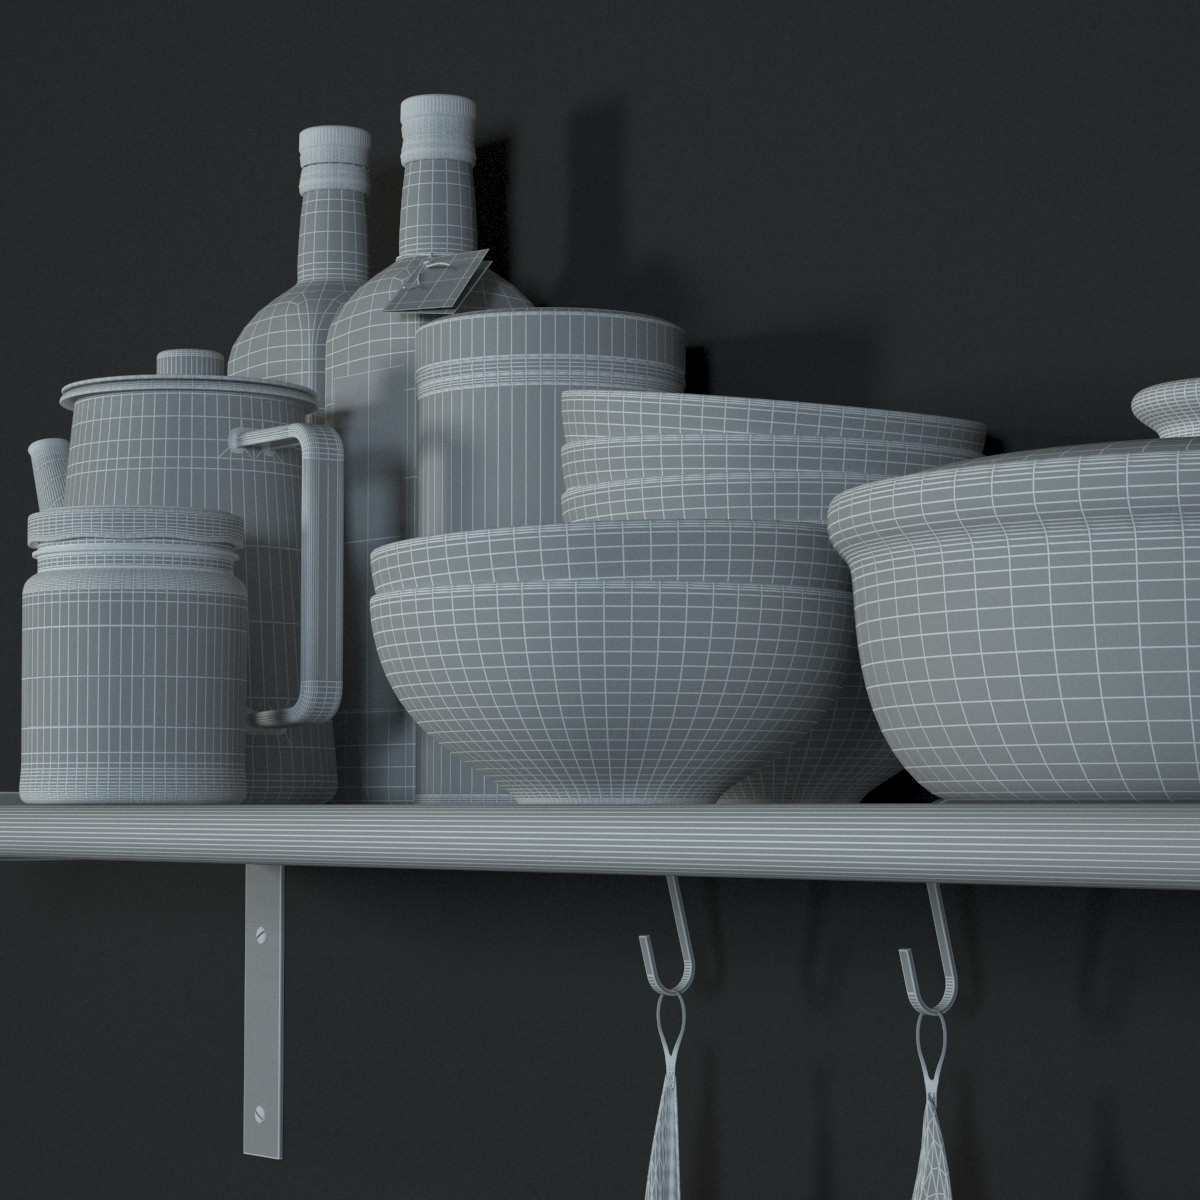 ikea grundtal wall shelf 3d model max. Black Bedroom Furniture Sets. Home Design Ideas